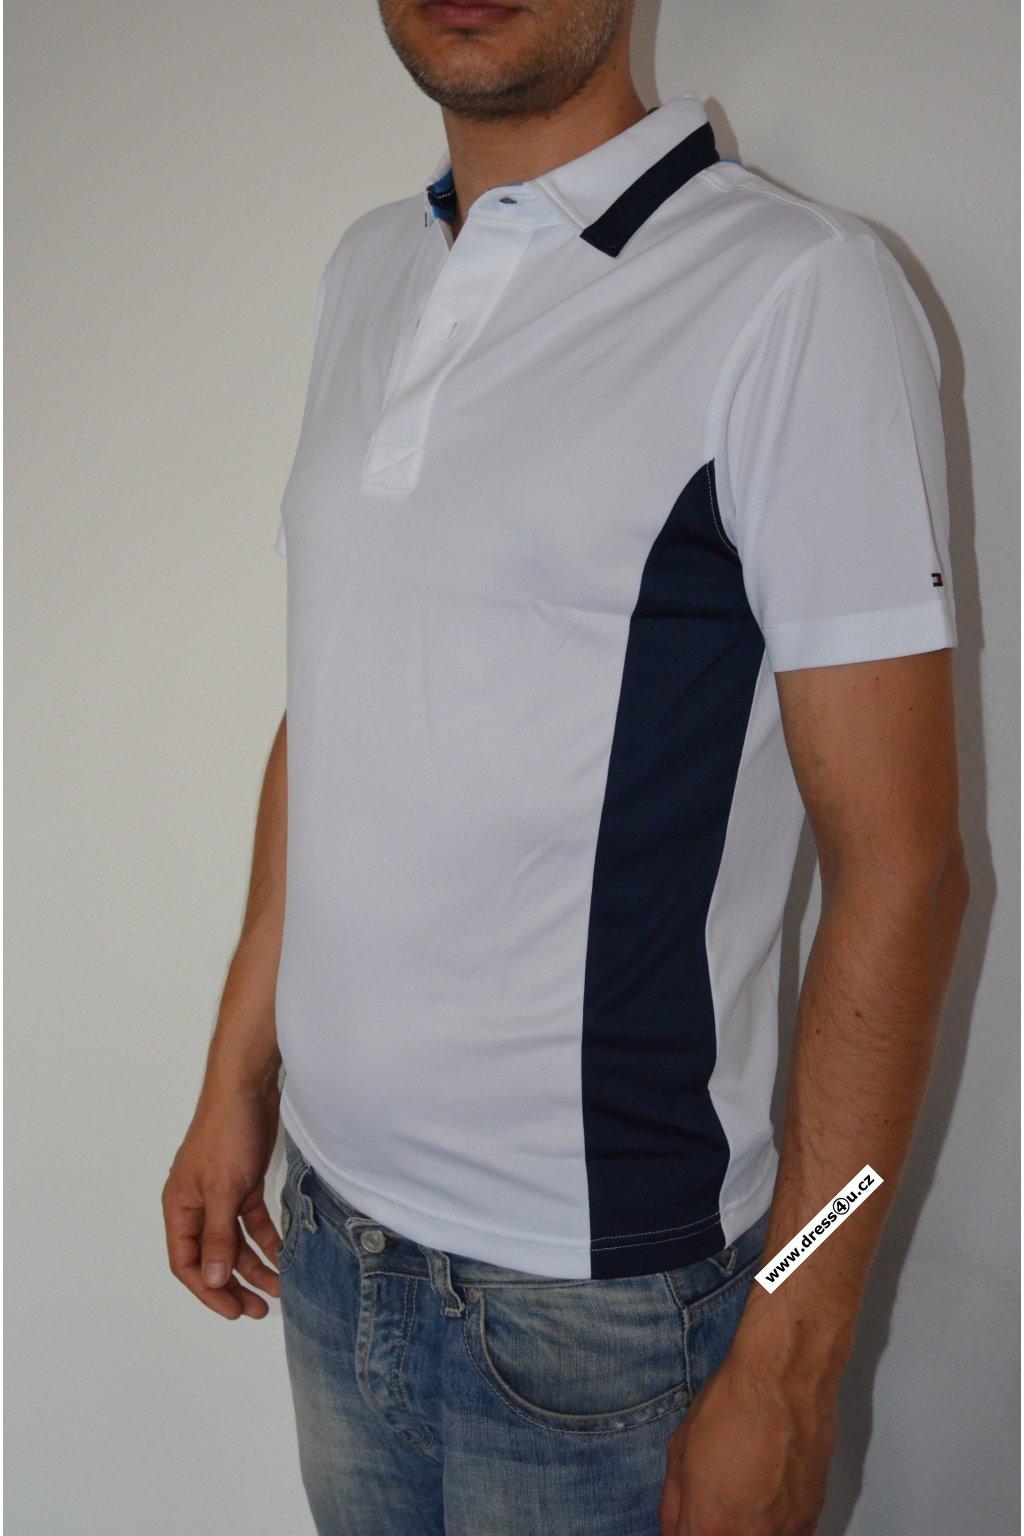 Tommy Hilfiger pánské golf polo triko bílé